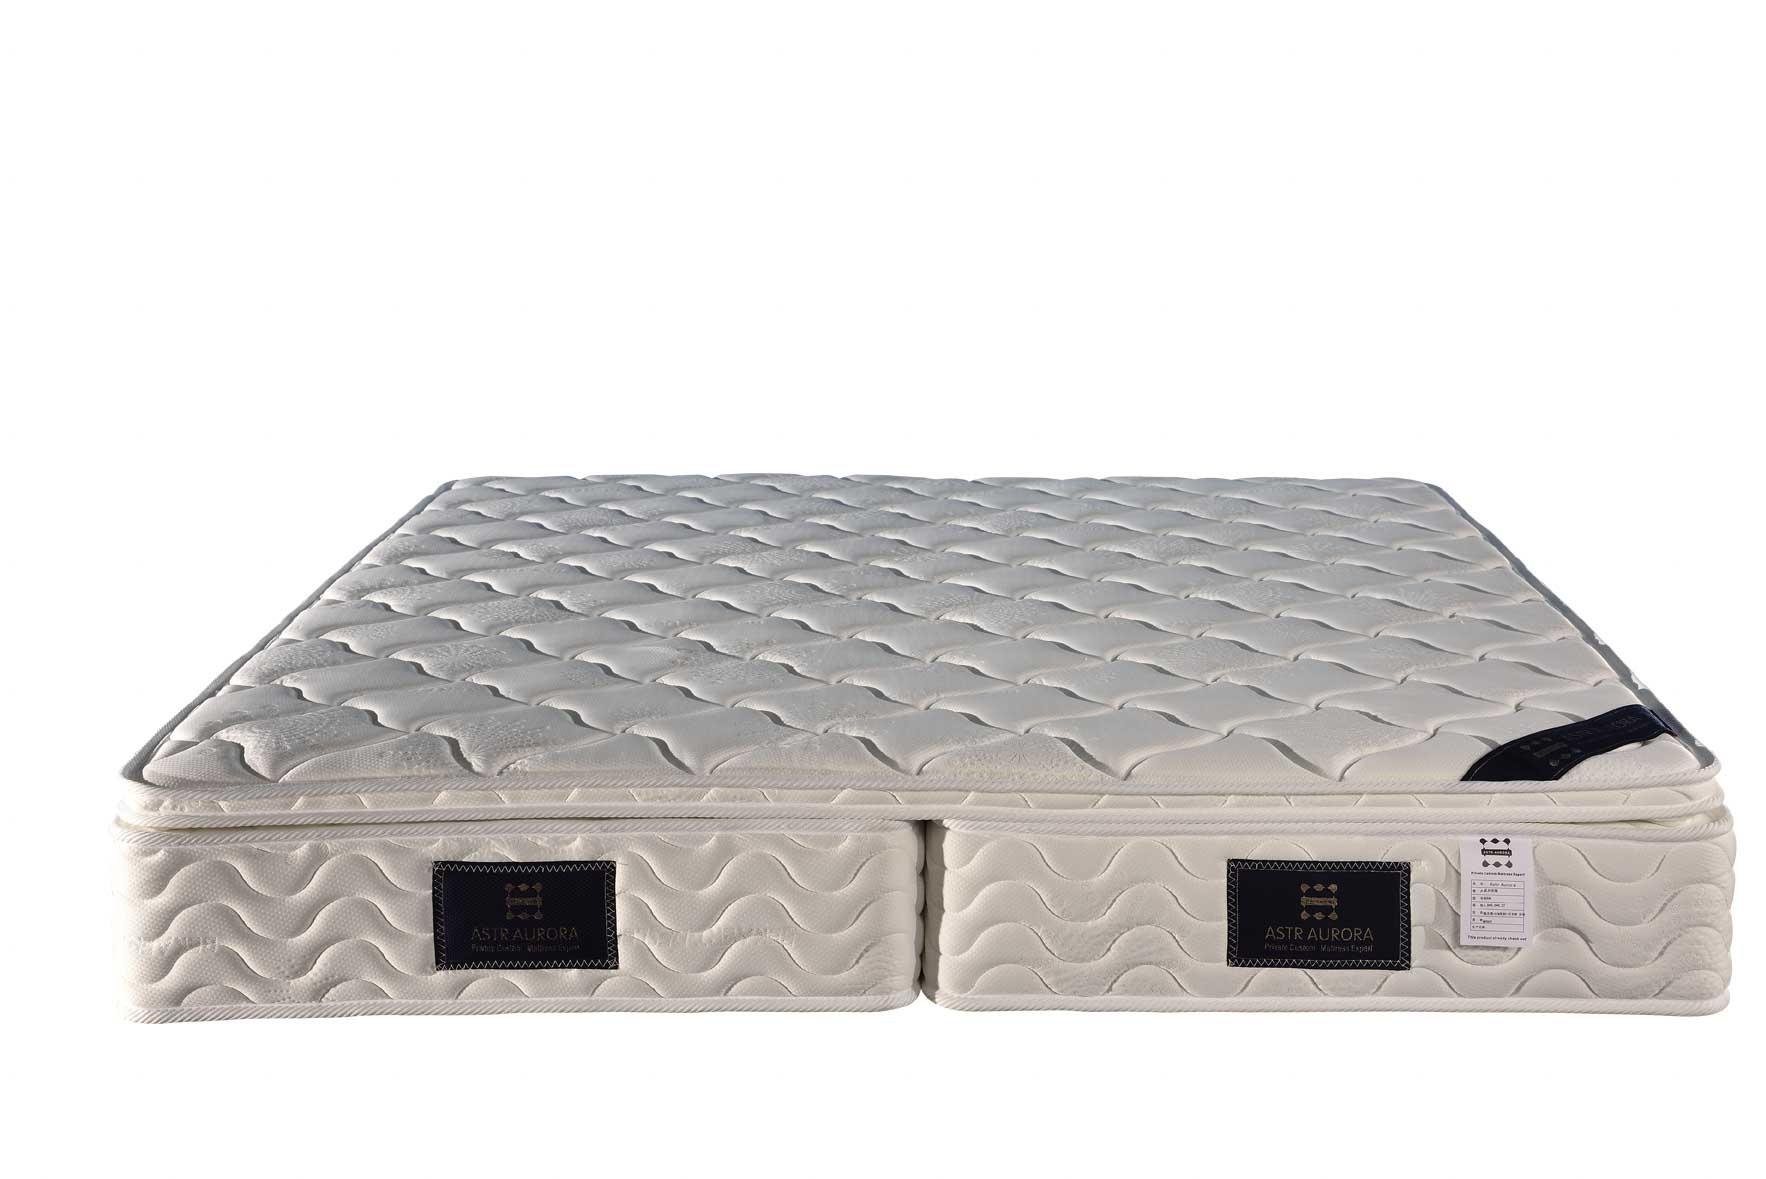 北京酒店天然乳胶床垫上门安装 苏州星夜家居科技供应